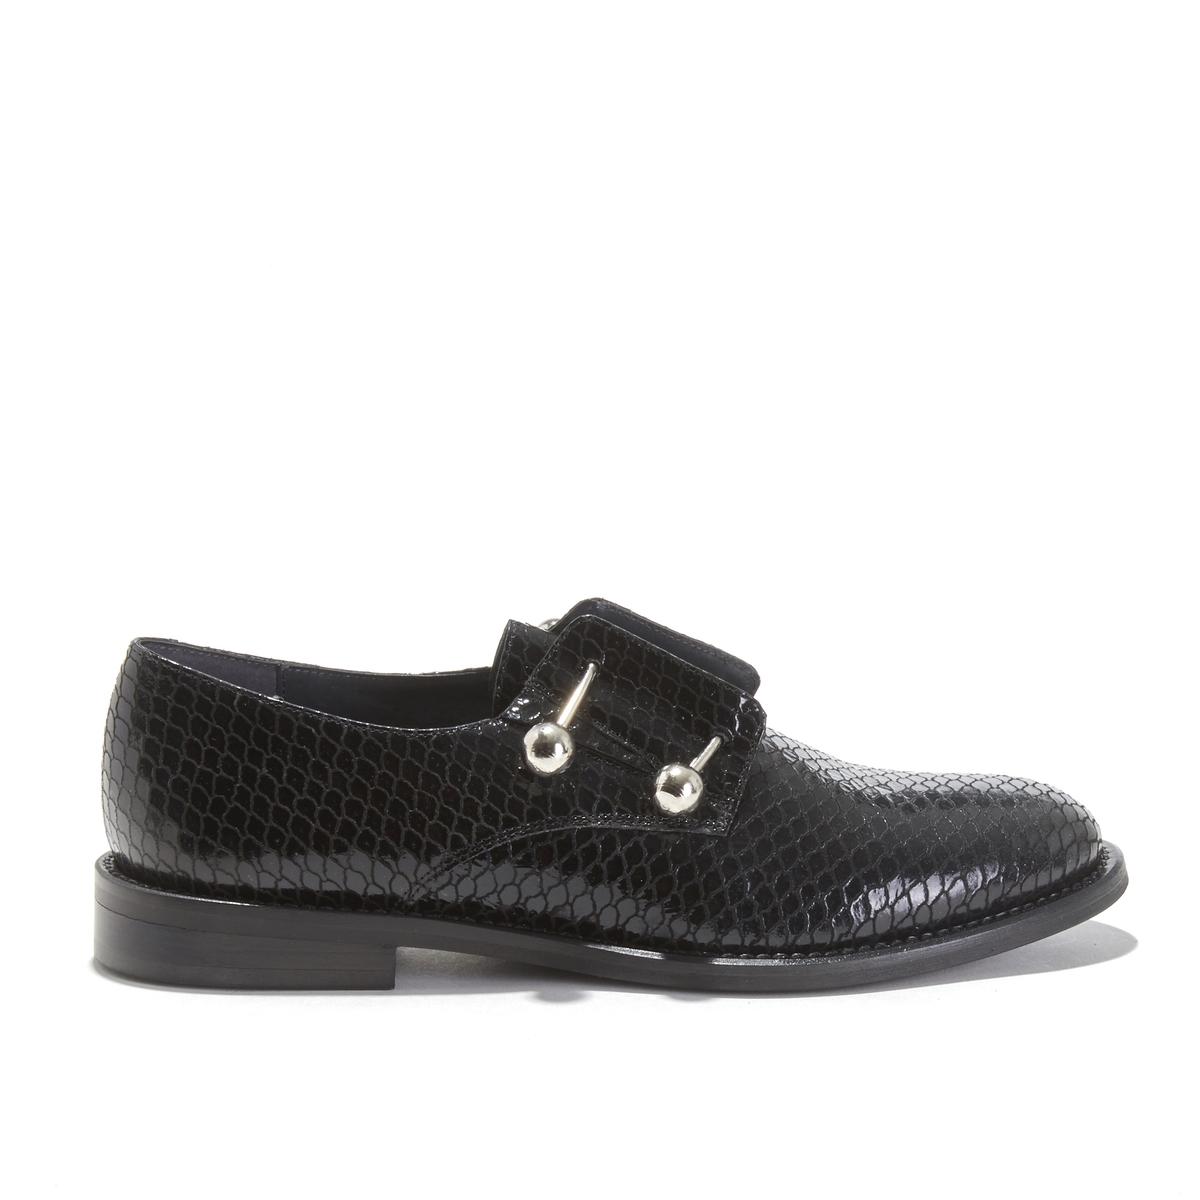 цена Ботинки-дерби La Redoute Кожаные под кожу крокодила DUTHEN 40 черный онлайн в 2017 году